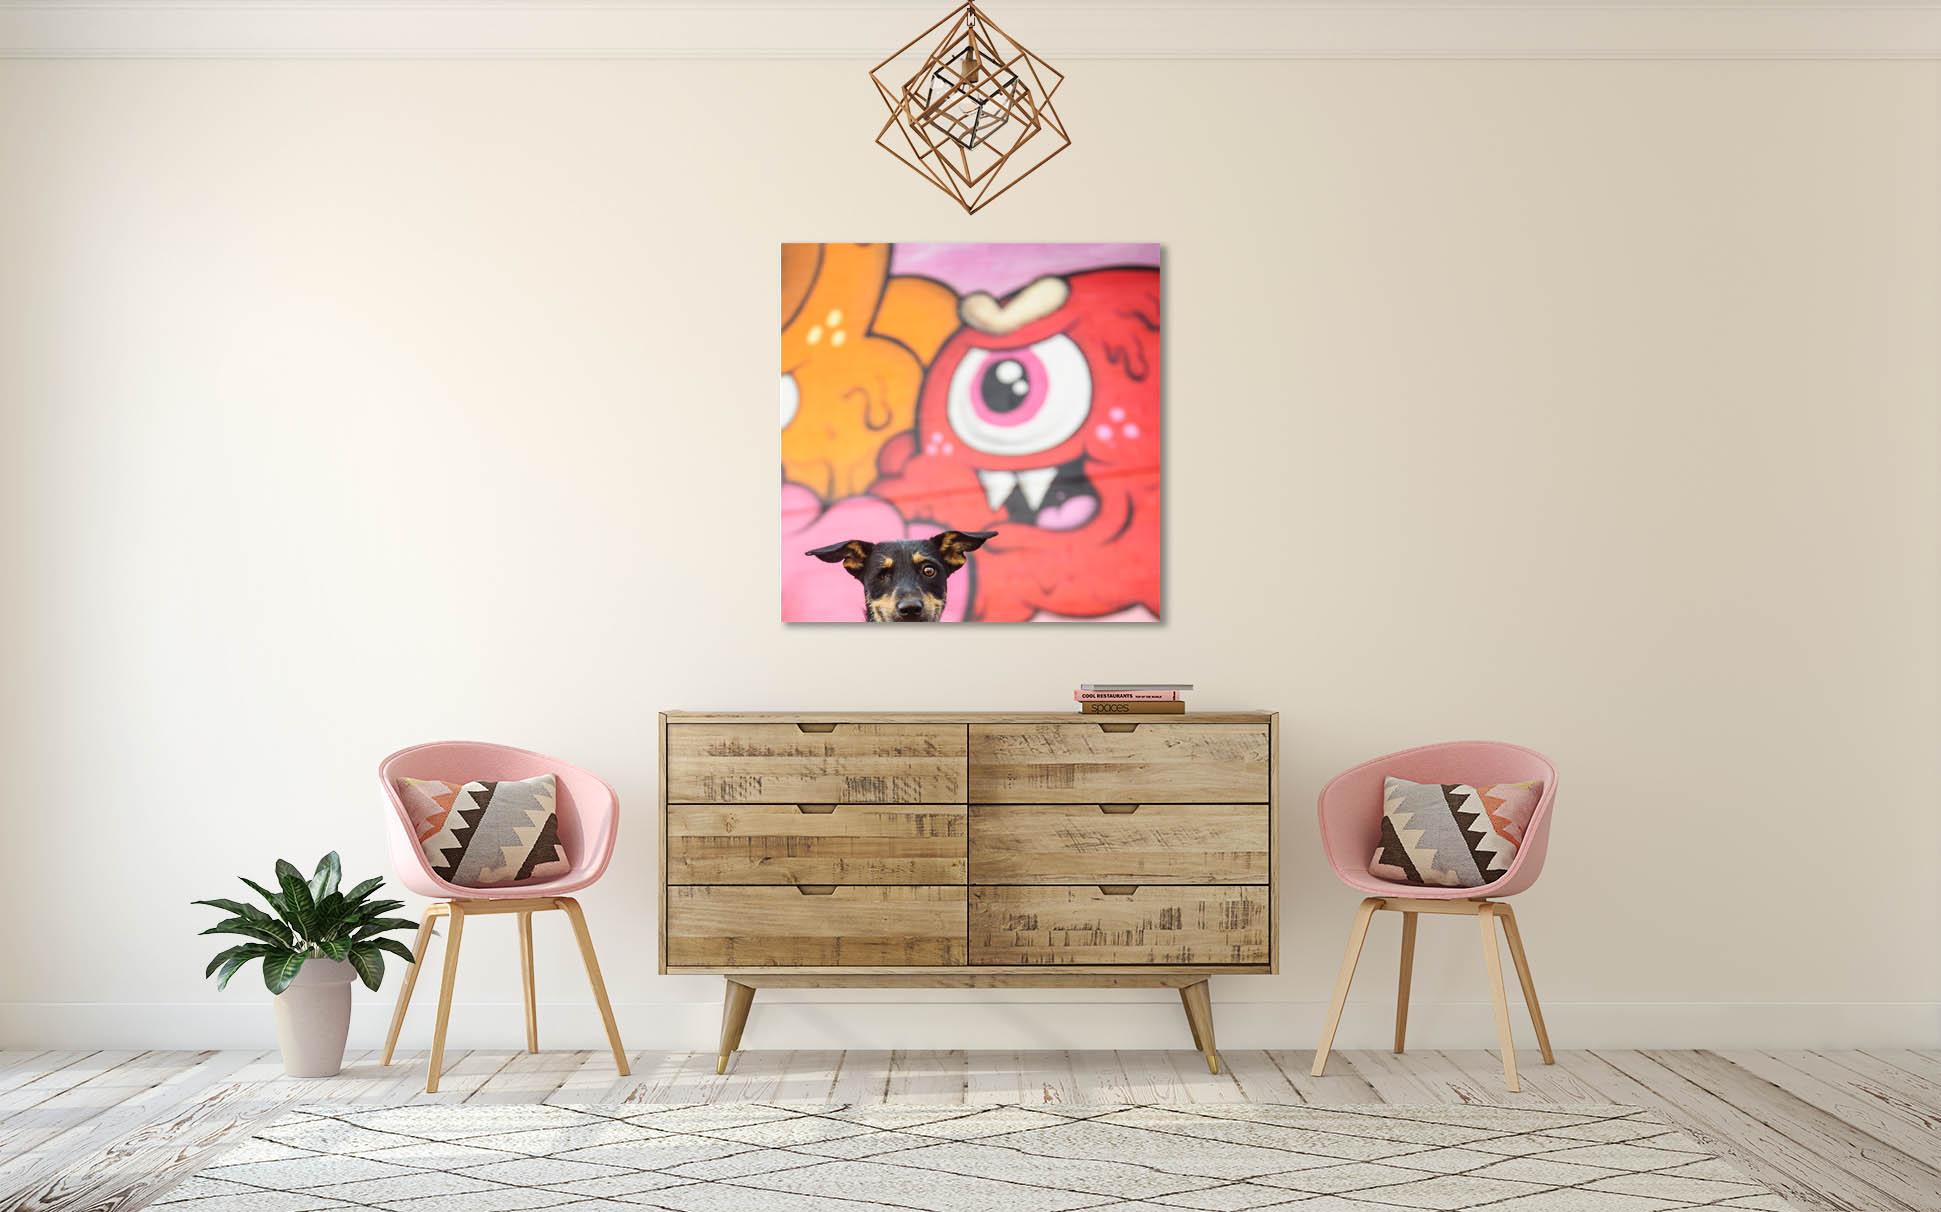 Avec les couleurs de la mural ça fait une oeuvre d'art originale pour la maison!